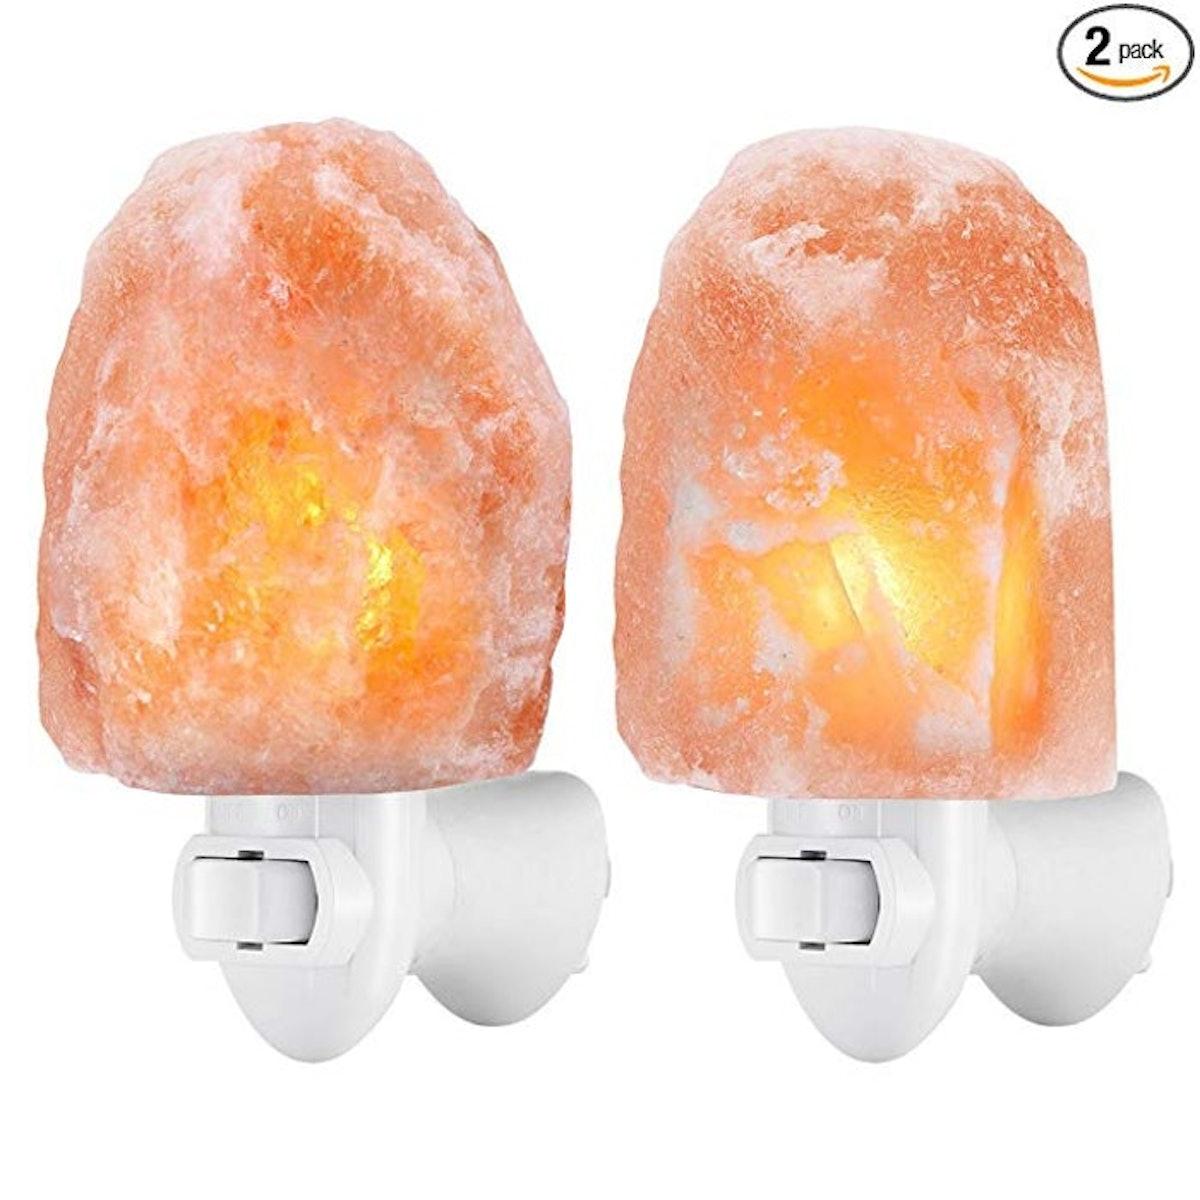 AMIR Plug-In Salt Lamp (2-Pack)